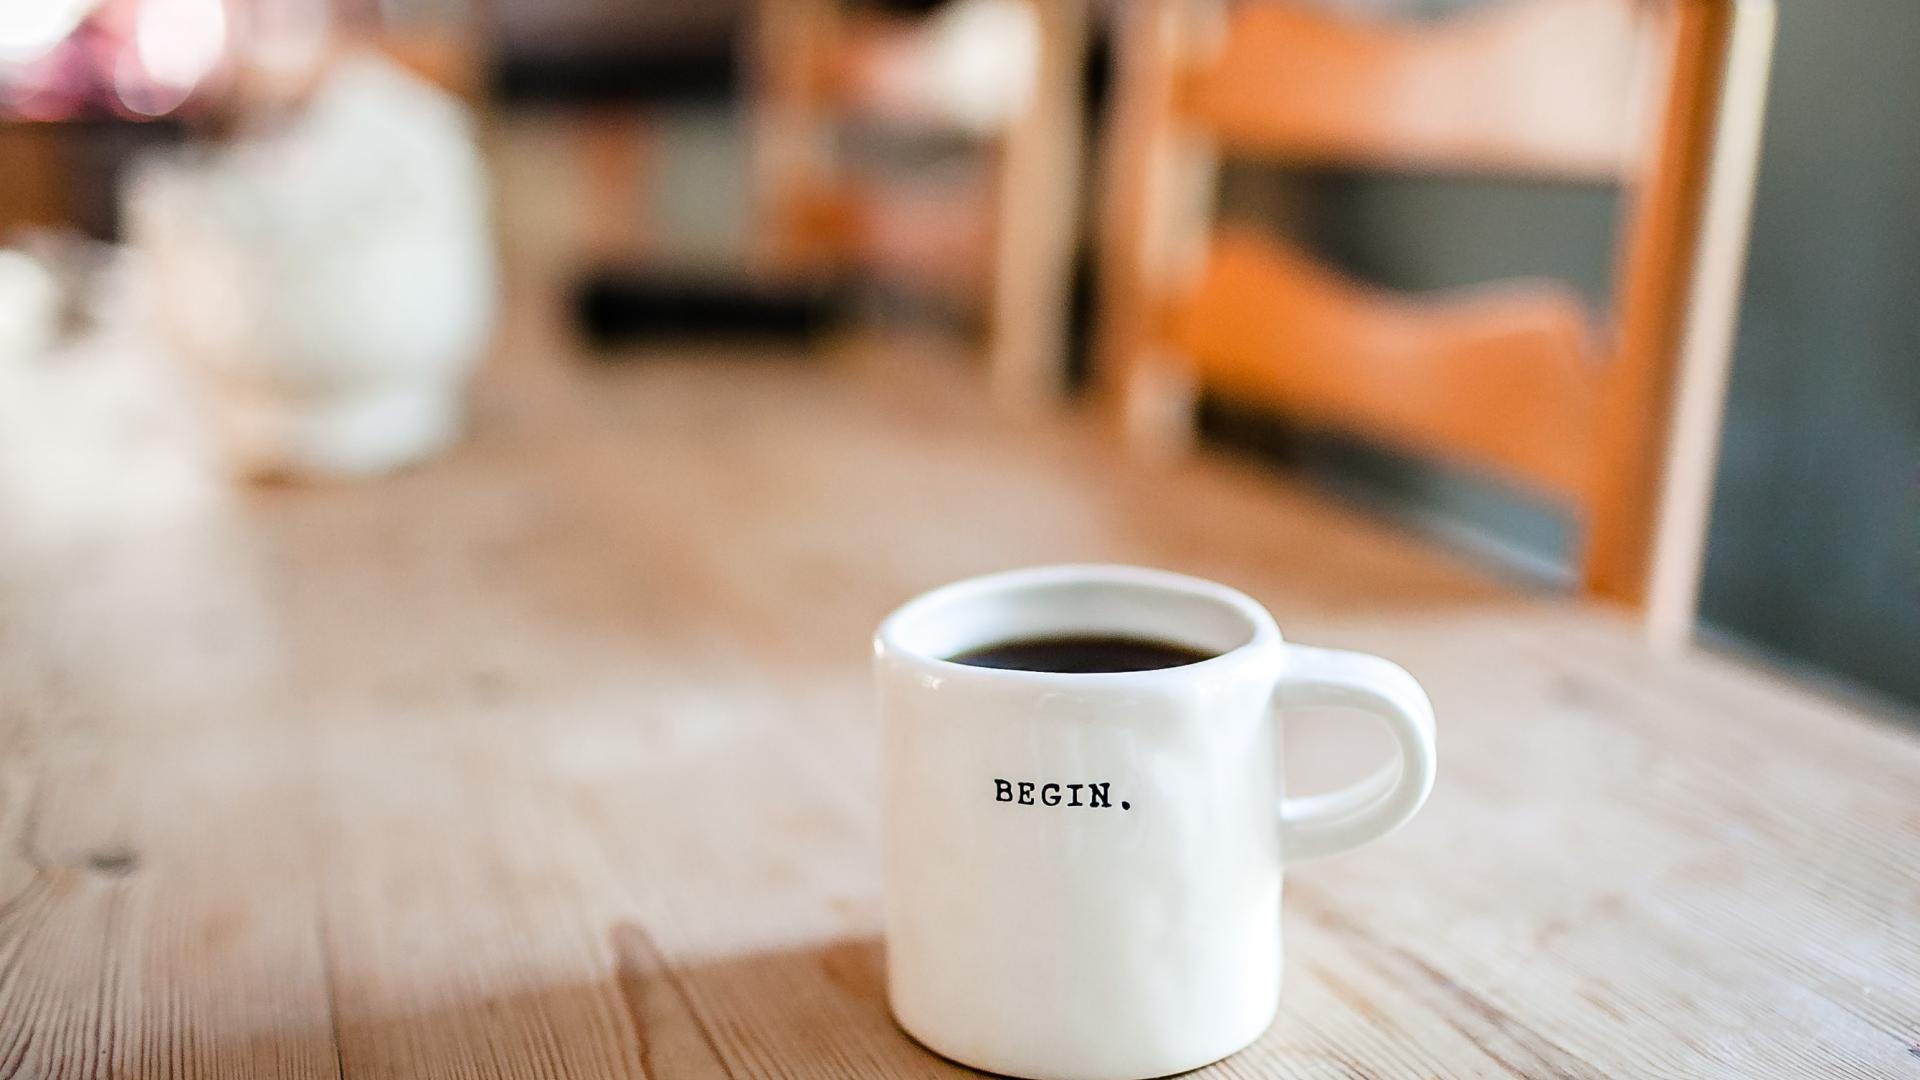 Tasse auf dem Holztisch mit der Aufschrift begin